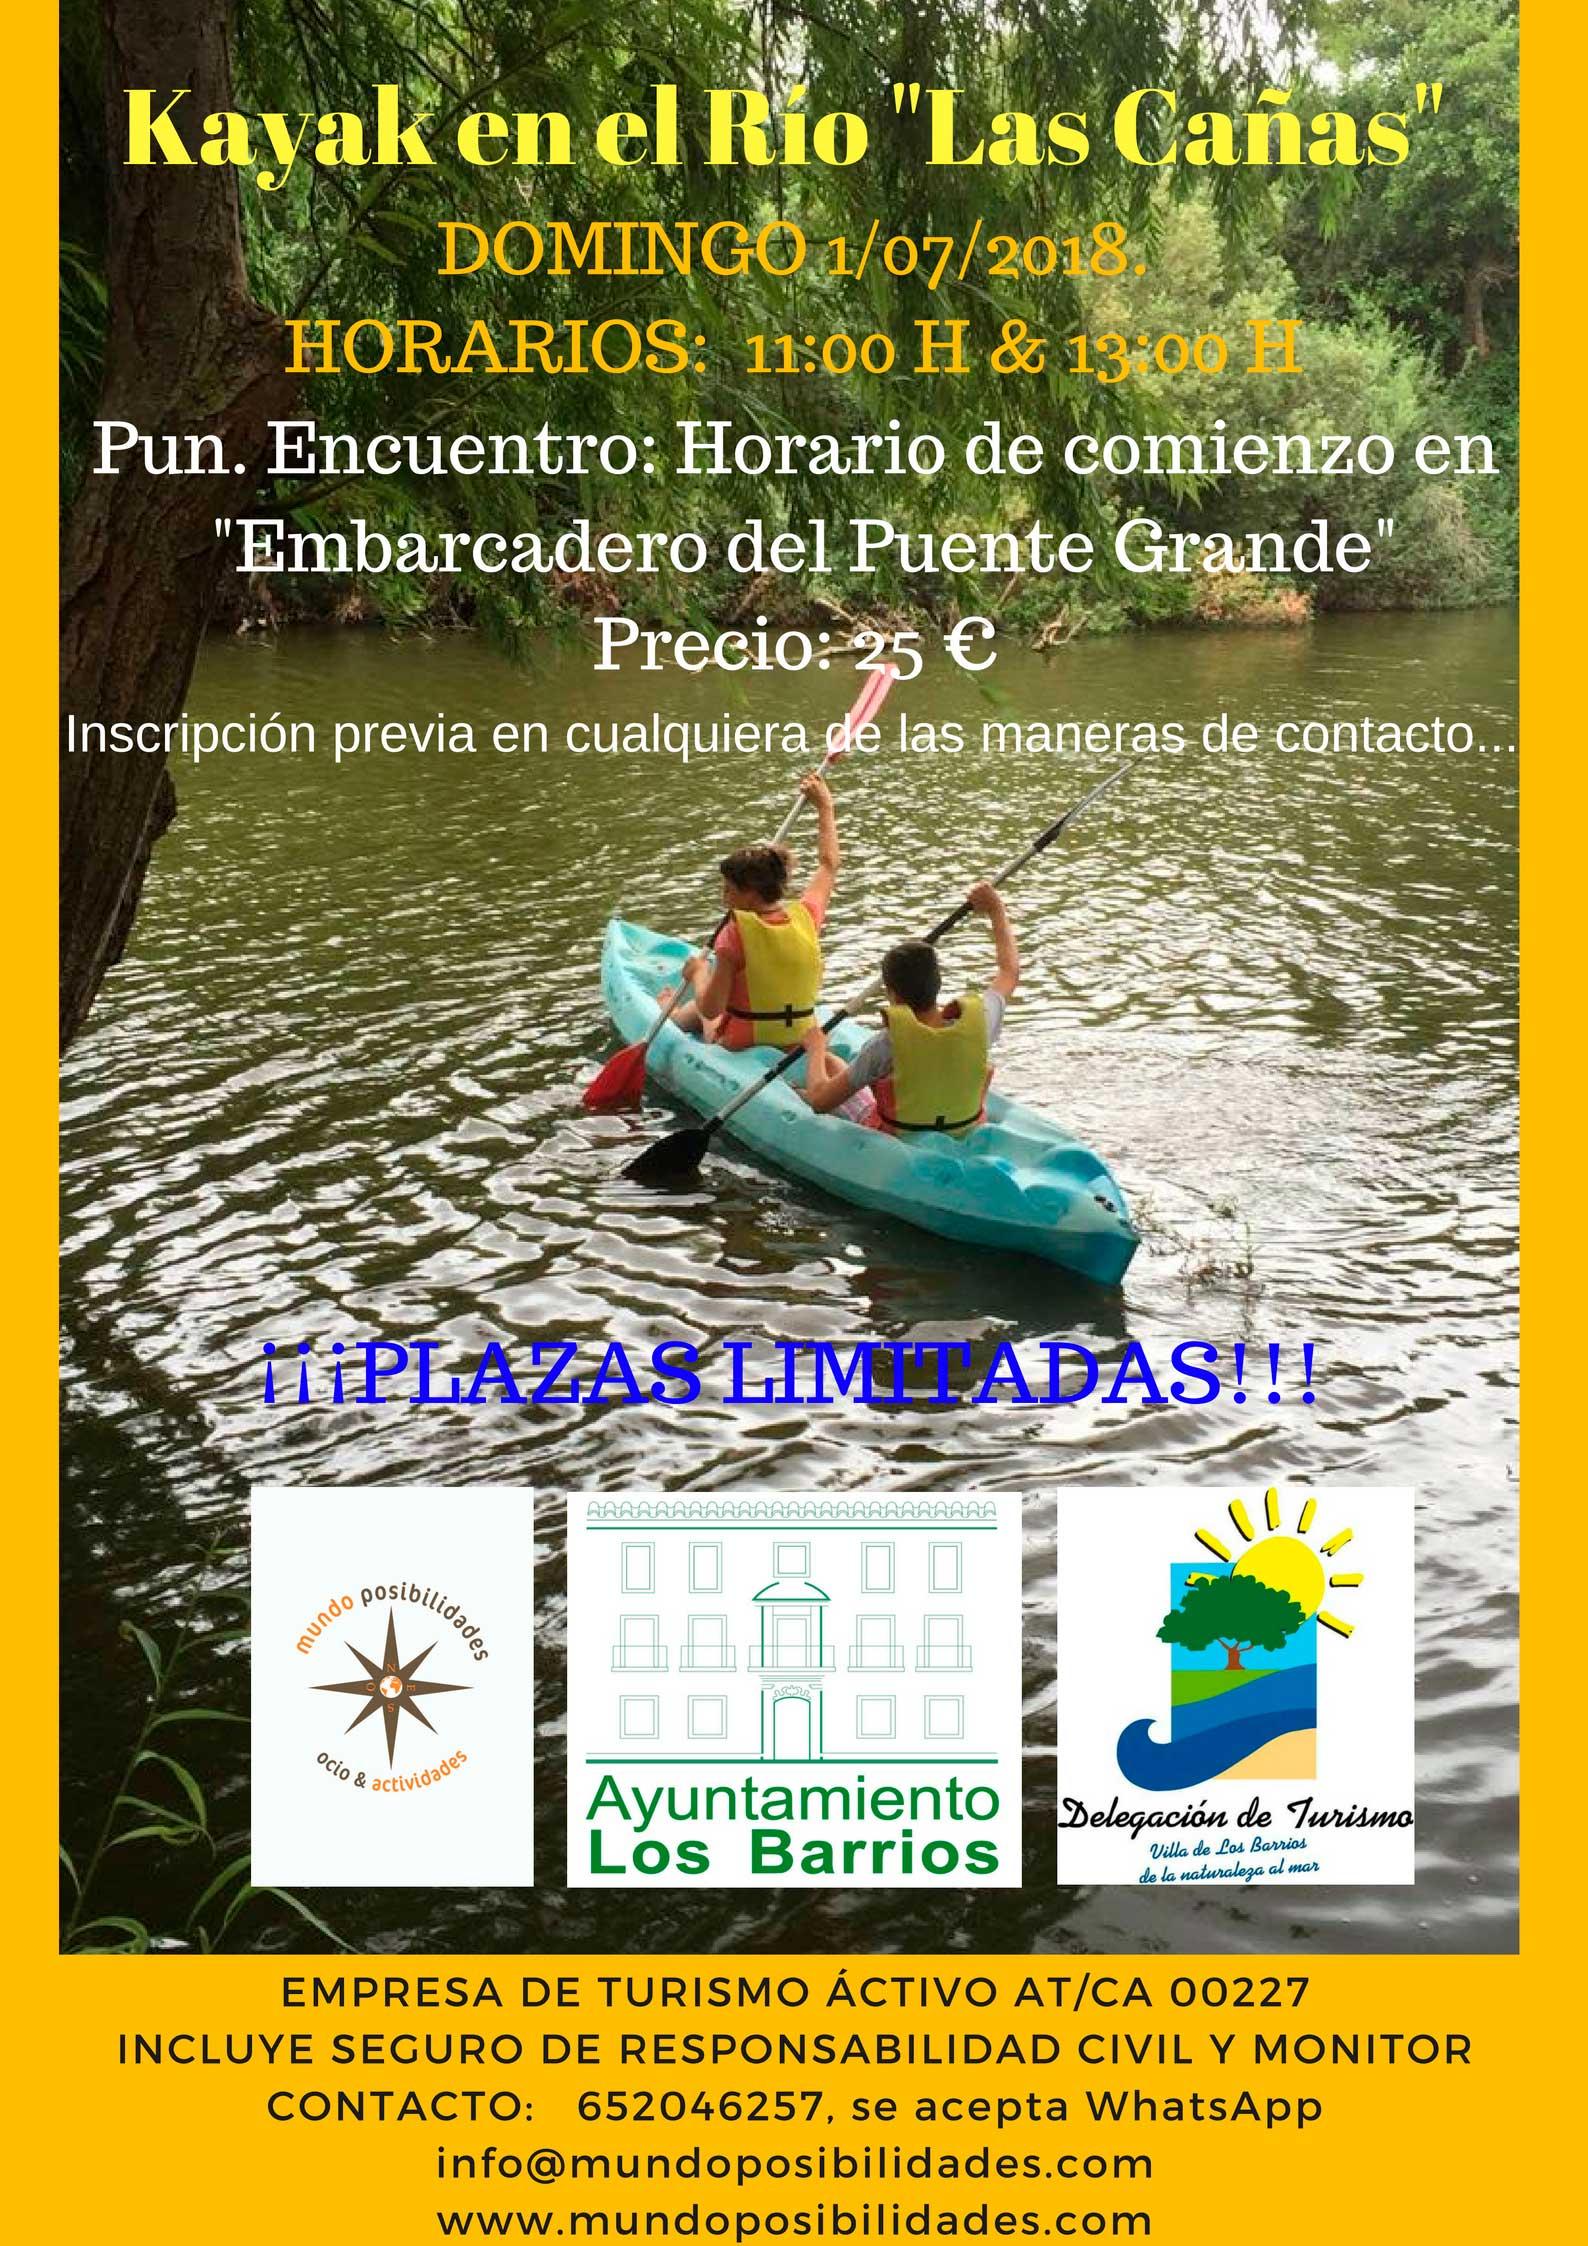 Kayak organizada por Mundo Posibilidades el próximo Domingo 1 de Julio